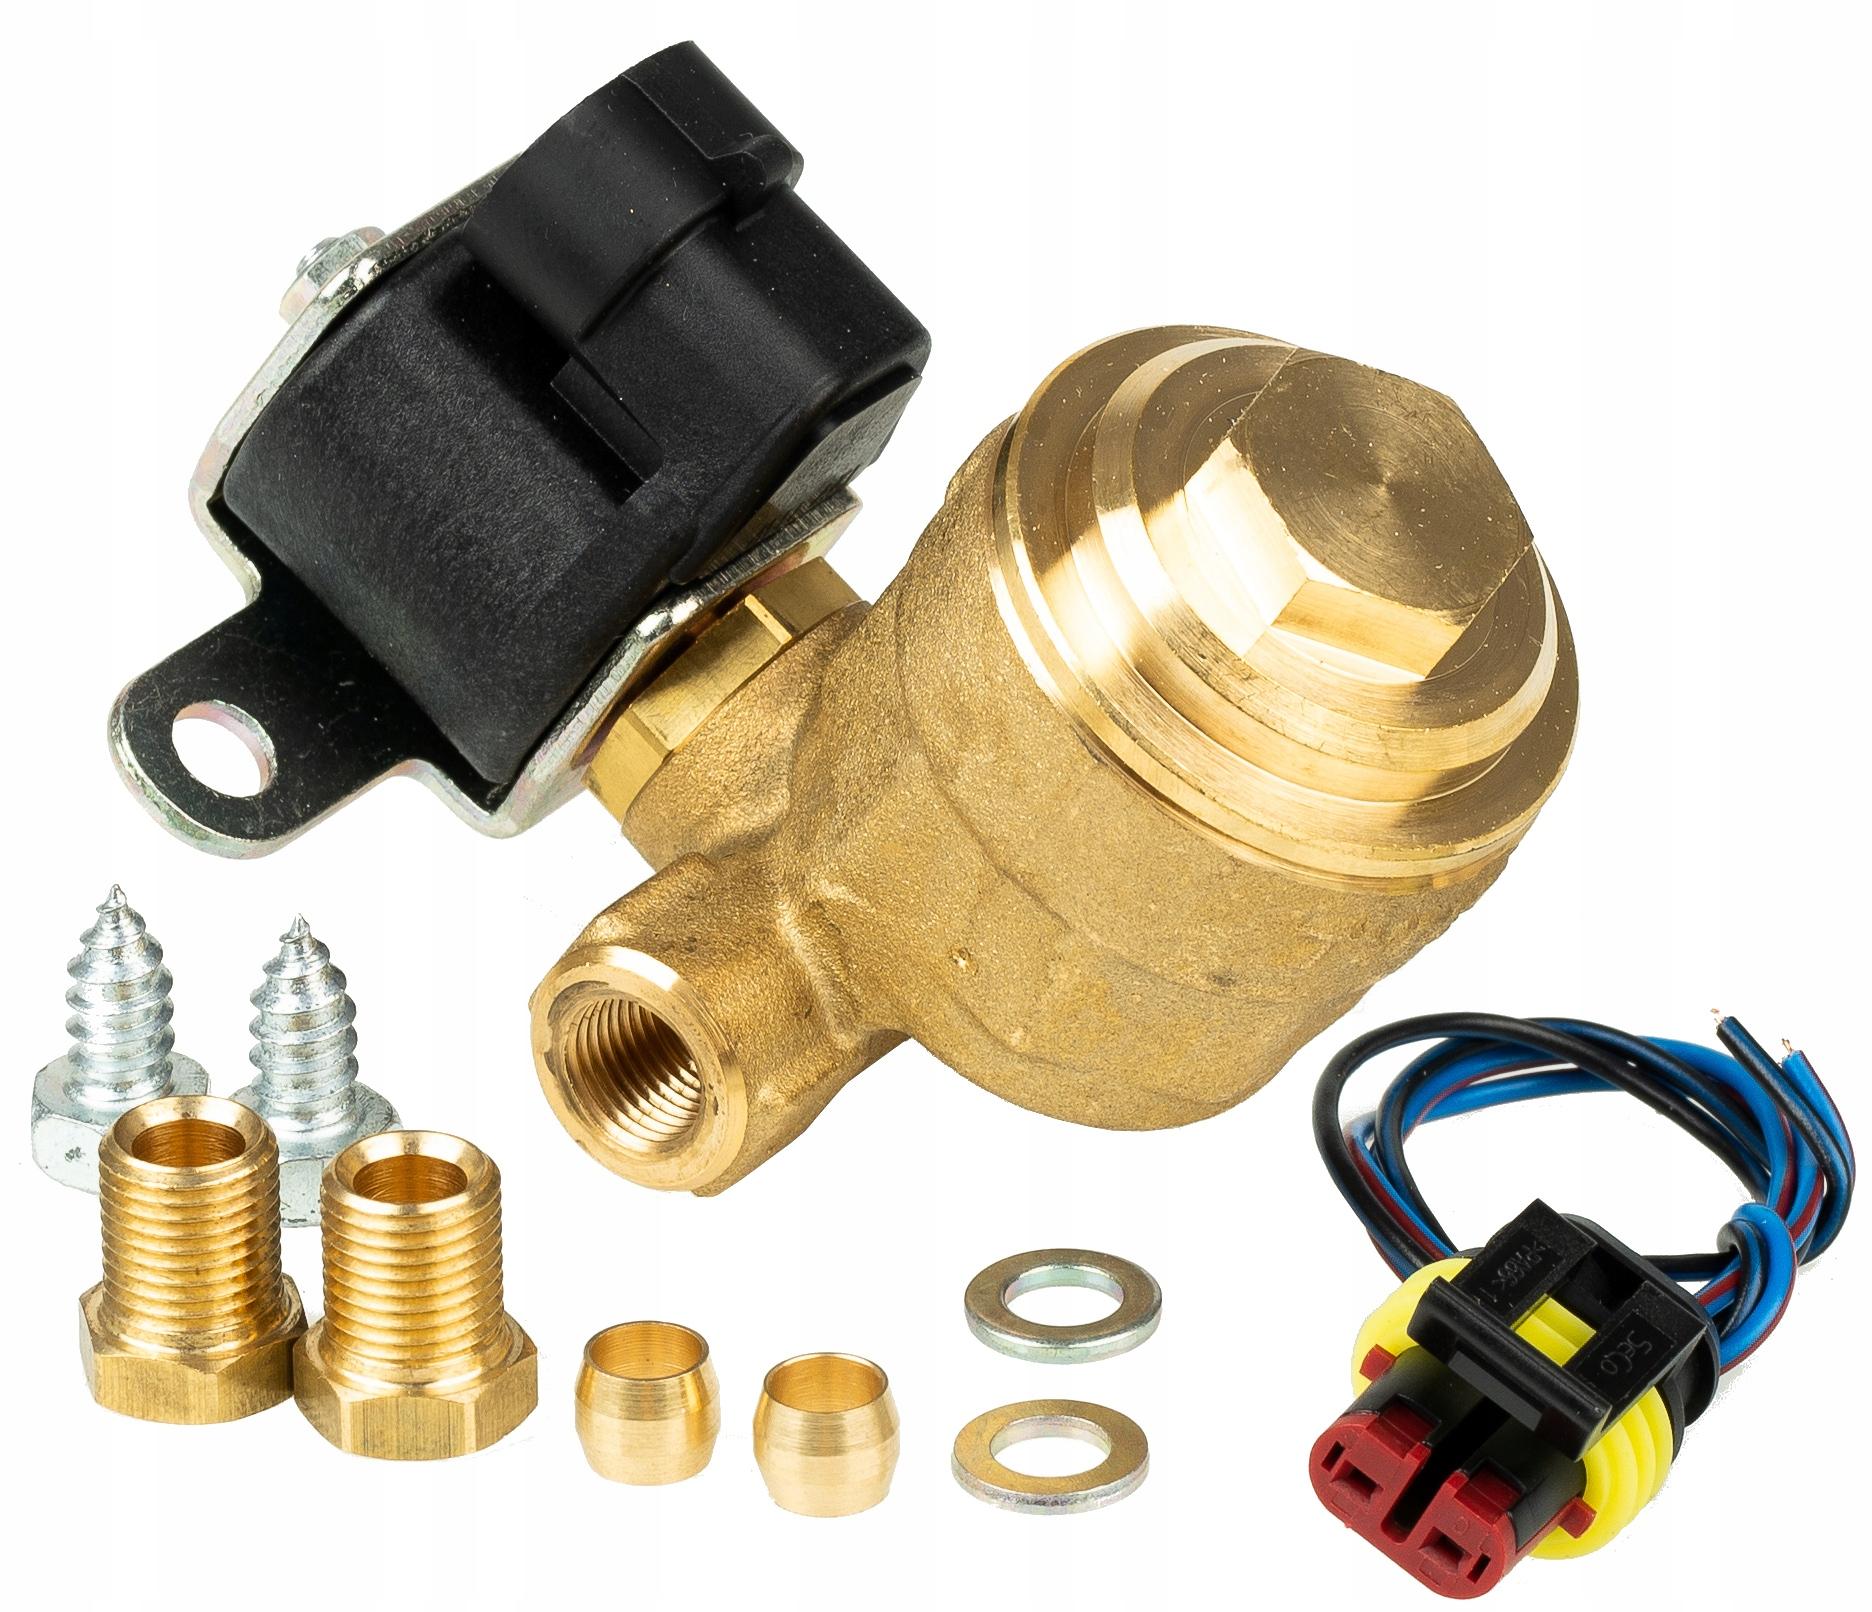 клапан газовый omb 66mm тип gb2 электроклапан + разъем